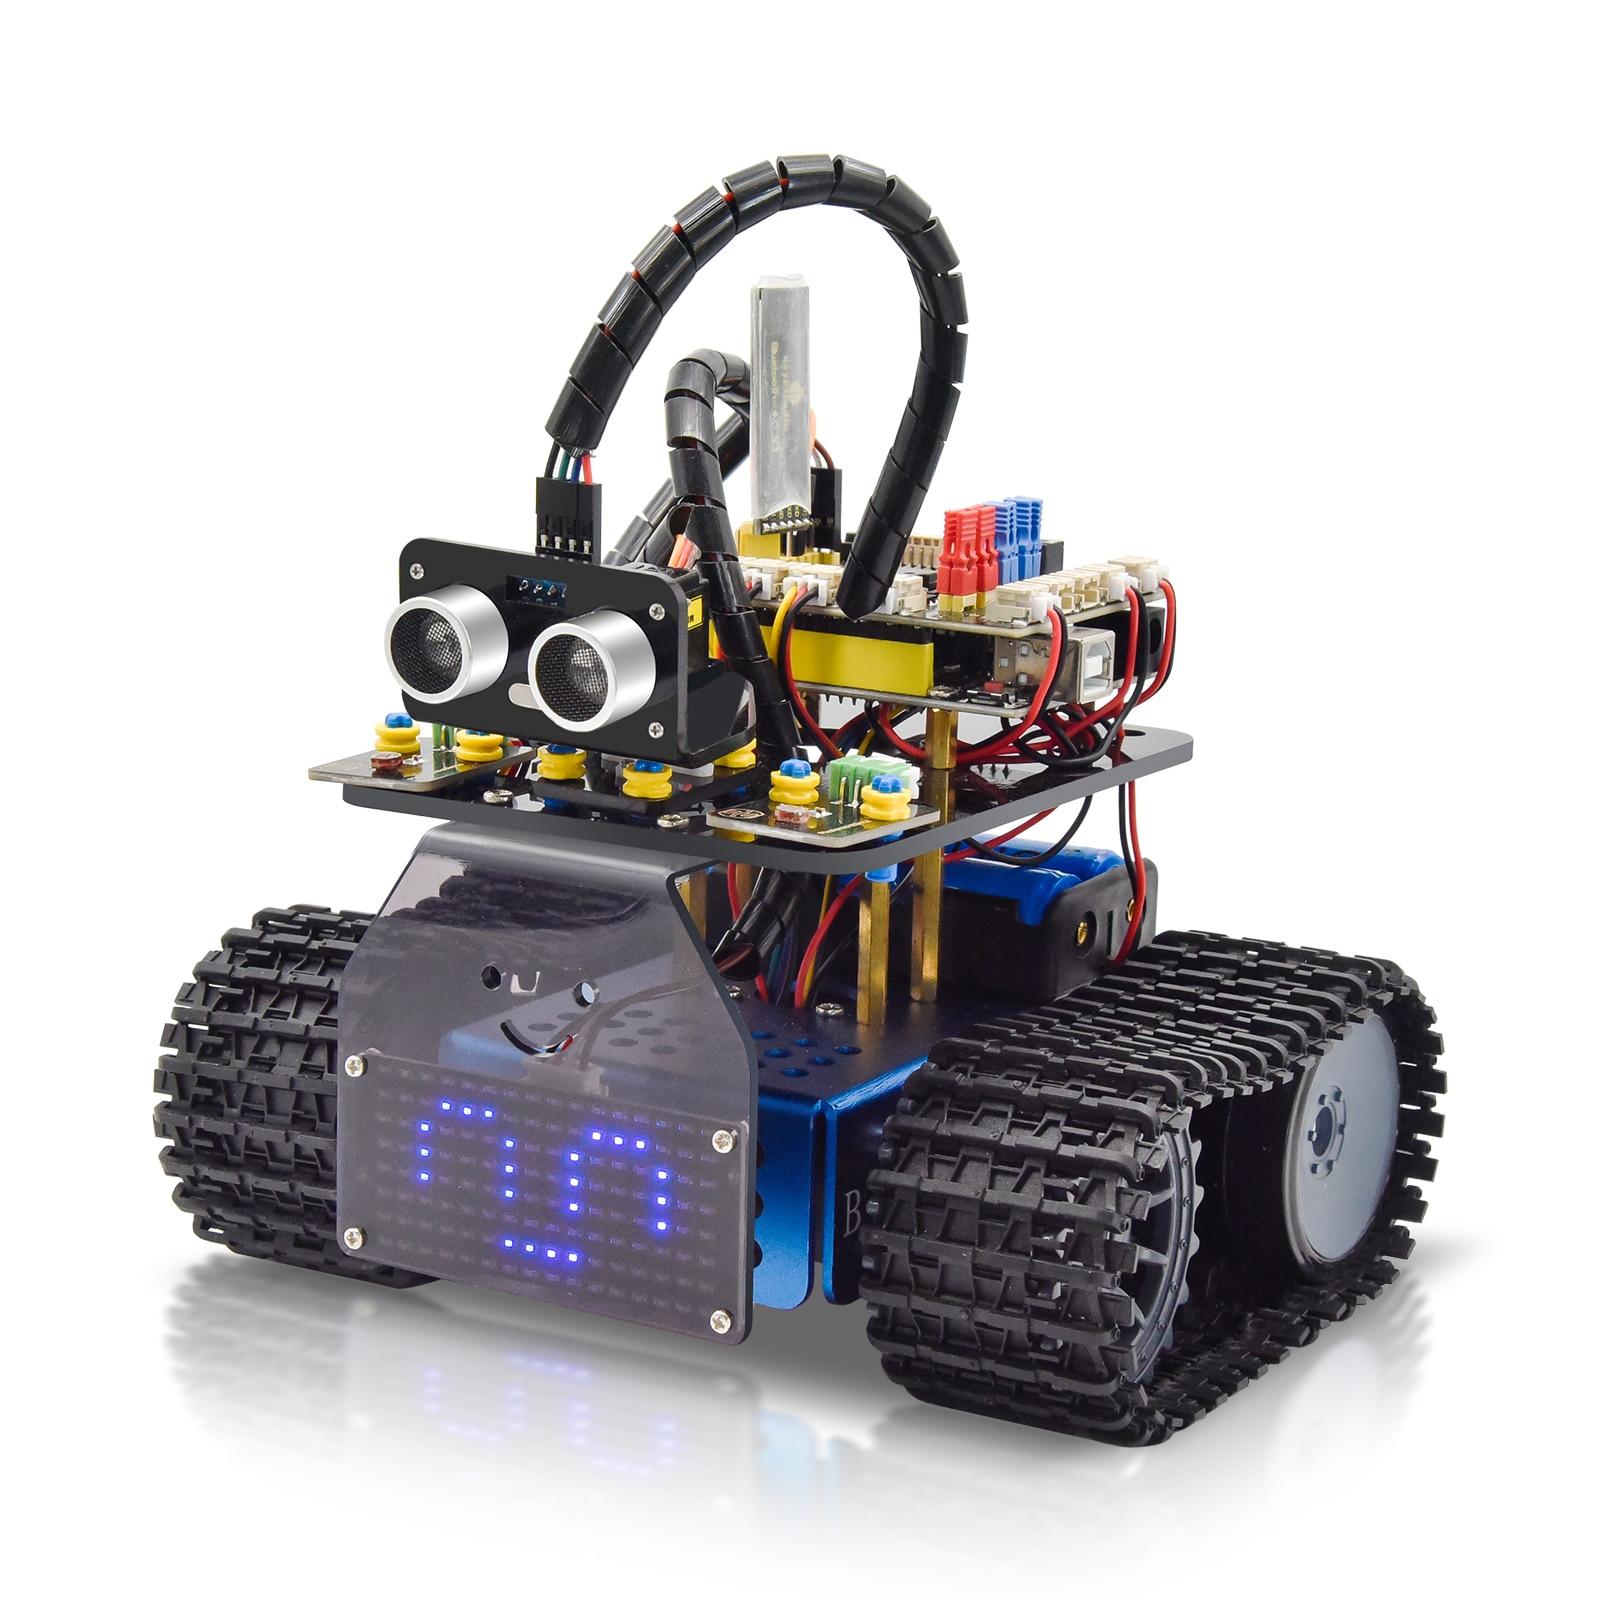 جديد Keyestudio خزان صغير الذكية روبوت V3.0 عدة ل اردوينو سيارة روبوت لتقوم بها بنفسك برمجة الجذعية اللعب متوافق مع اردوينو و Mixly